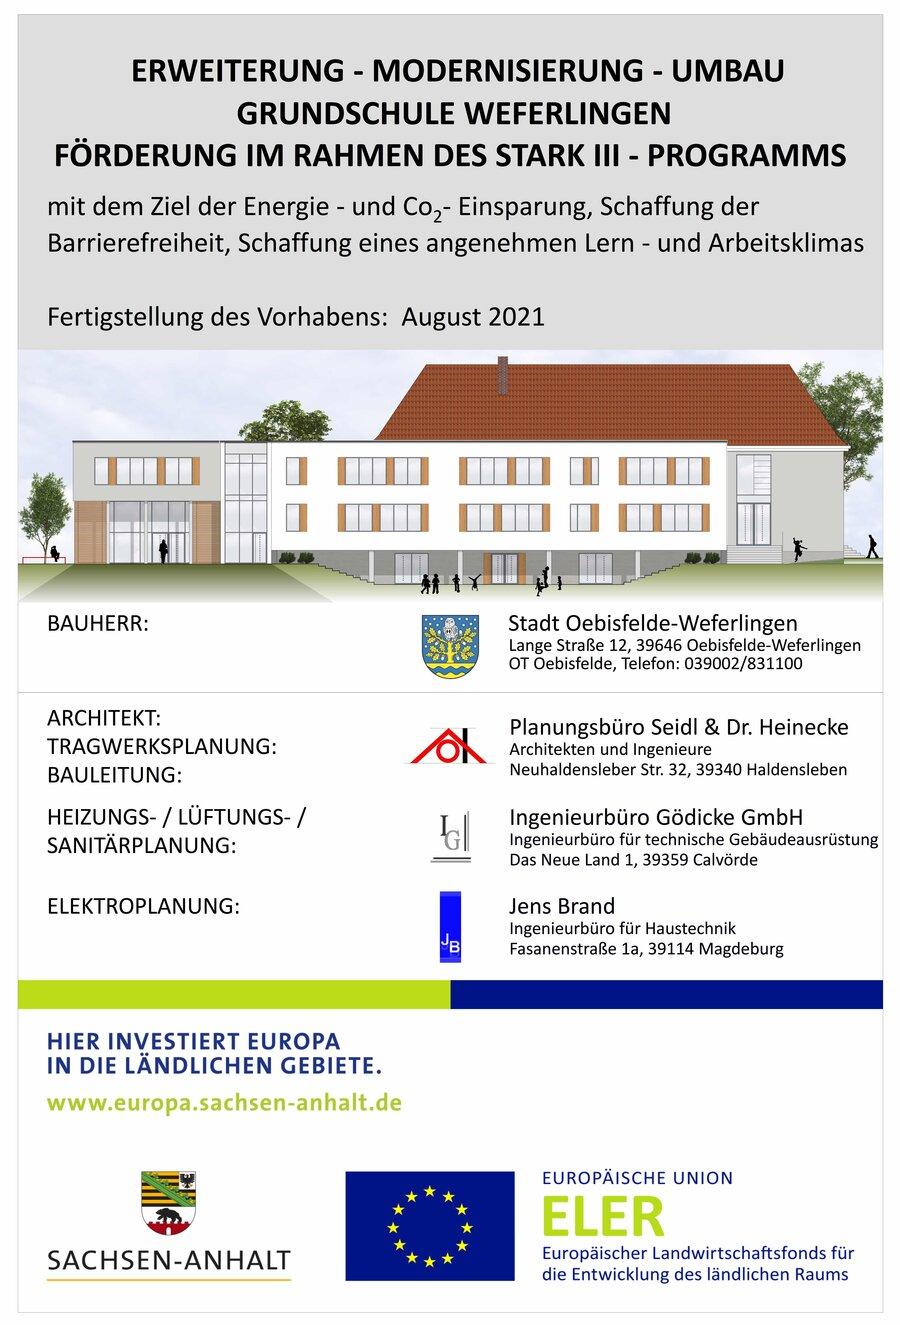 Grundschule Weferlingen